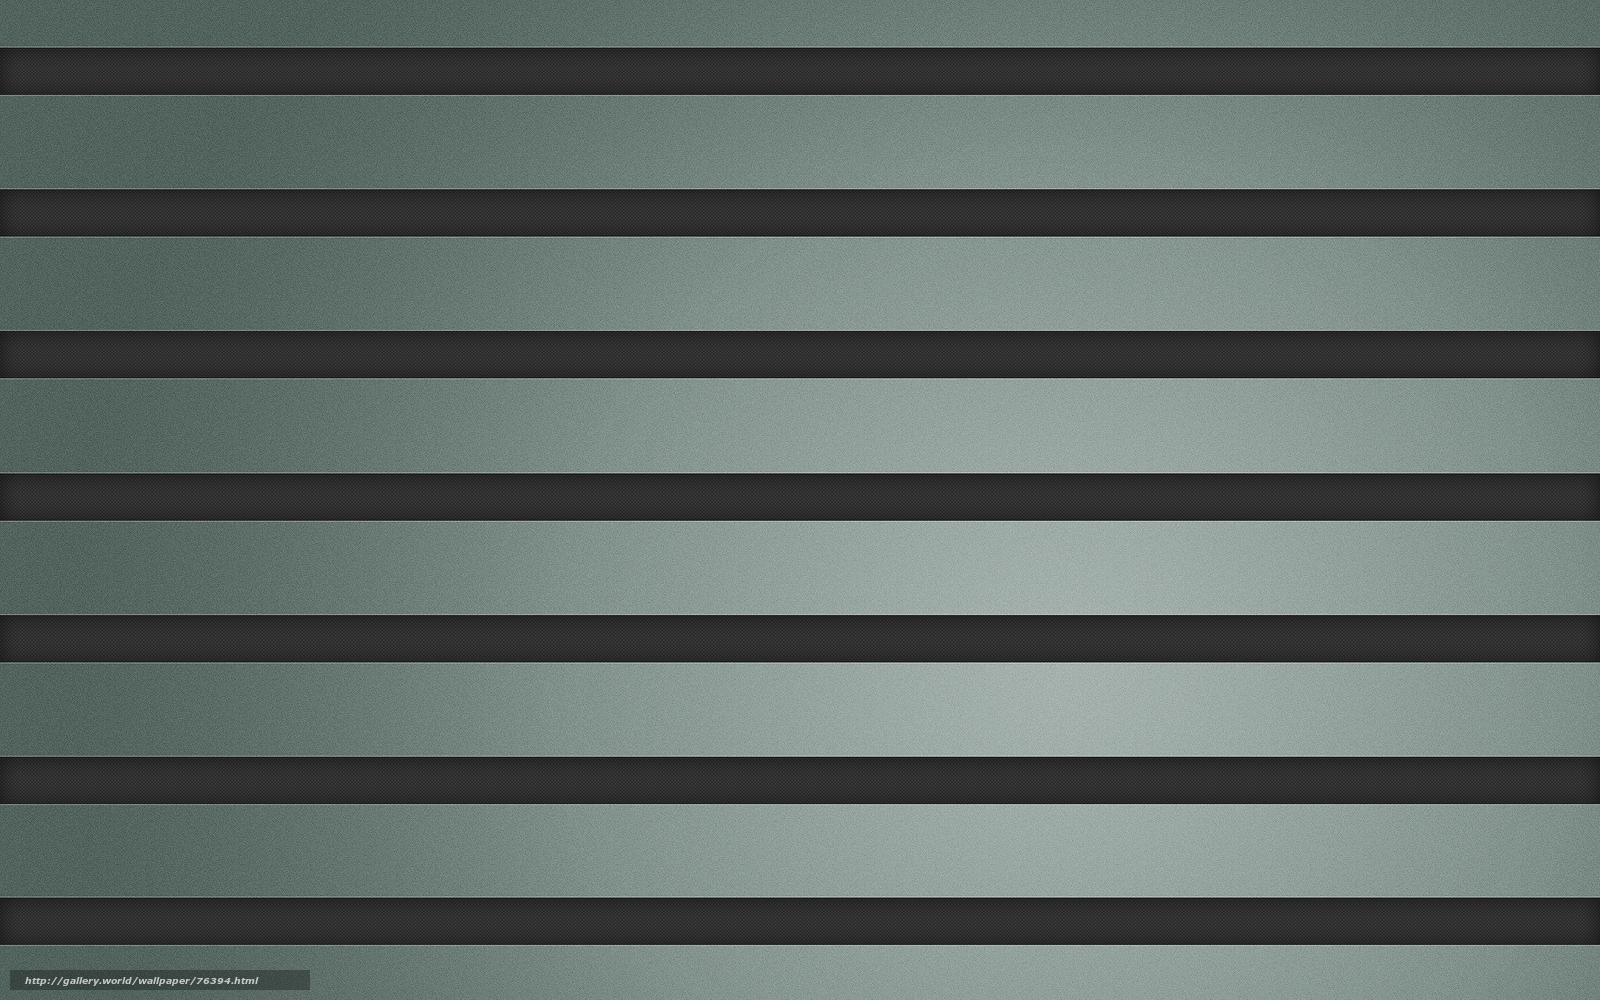 текстуры линии: